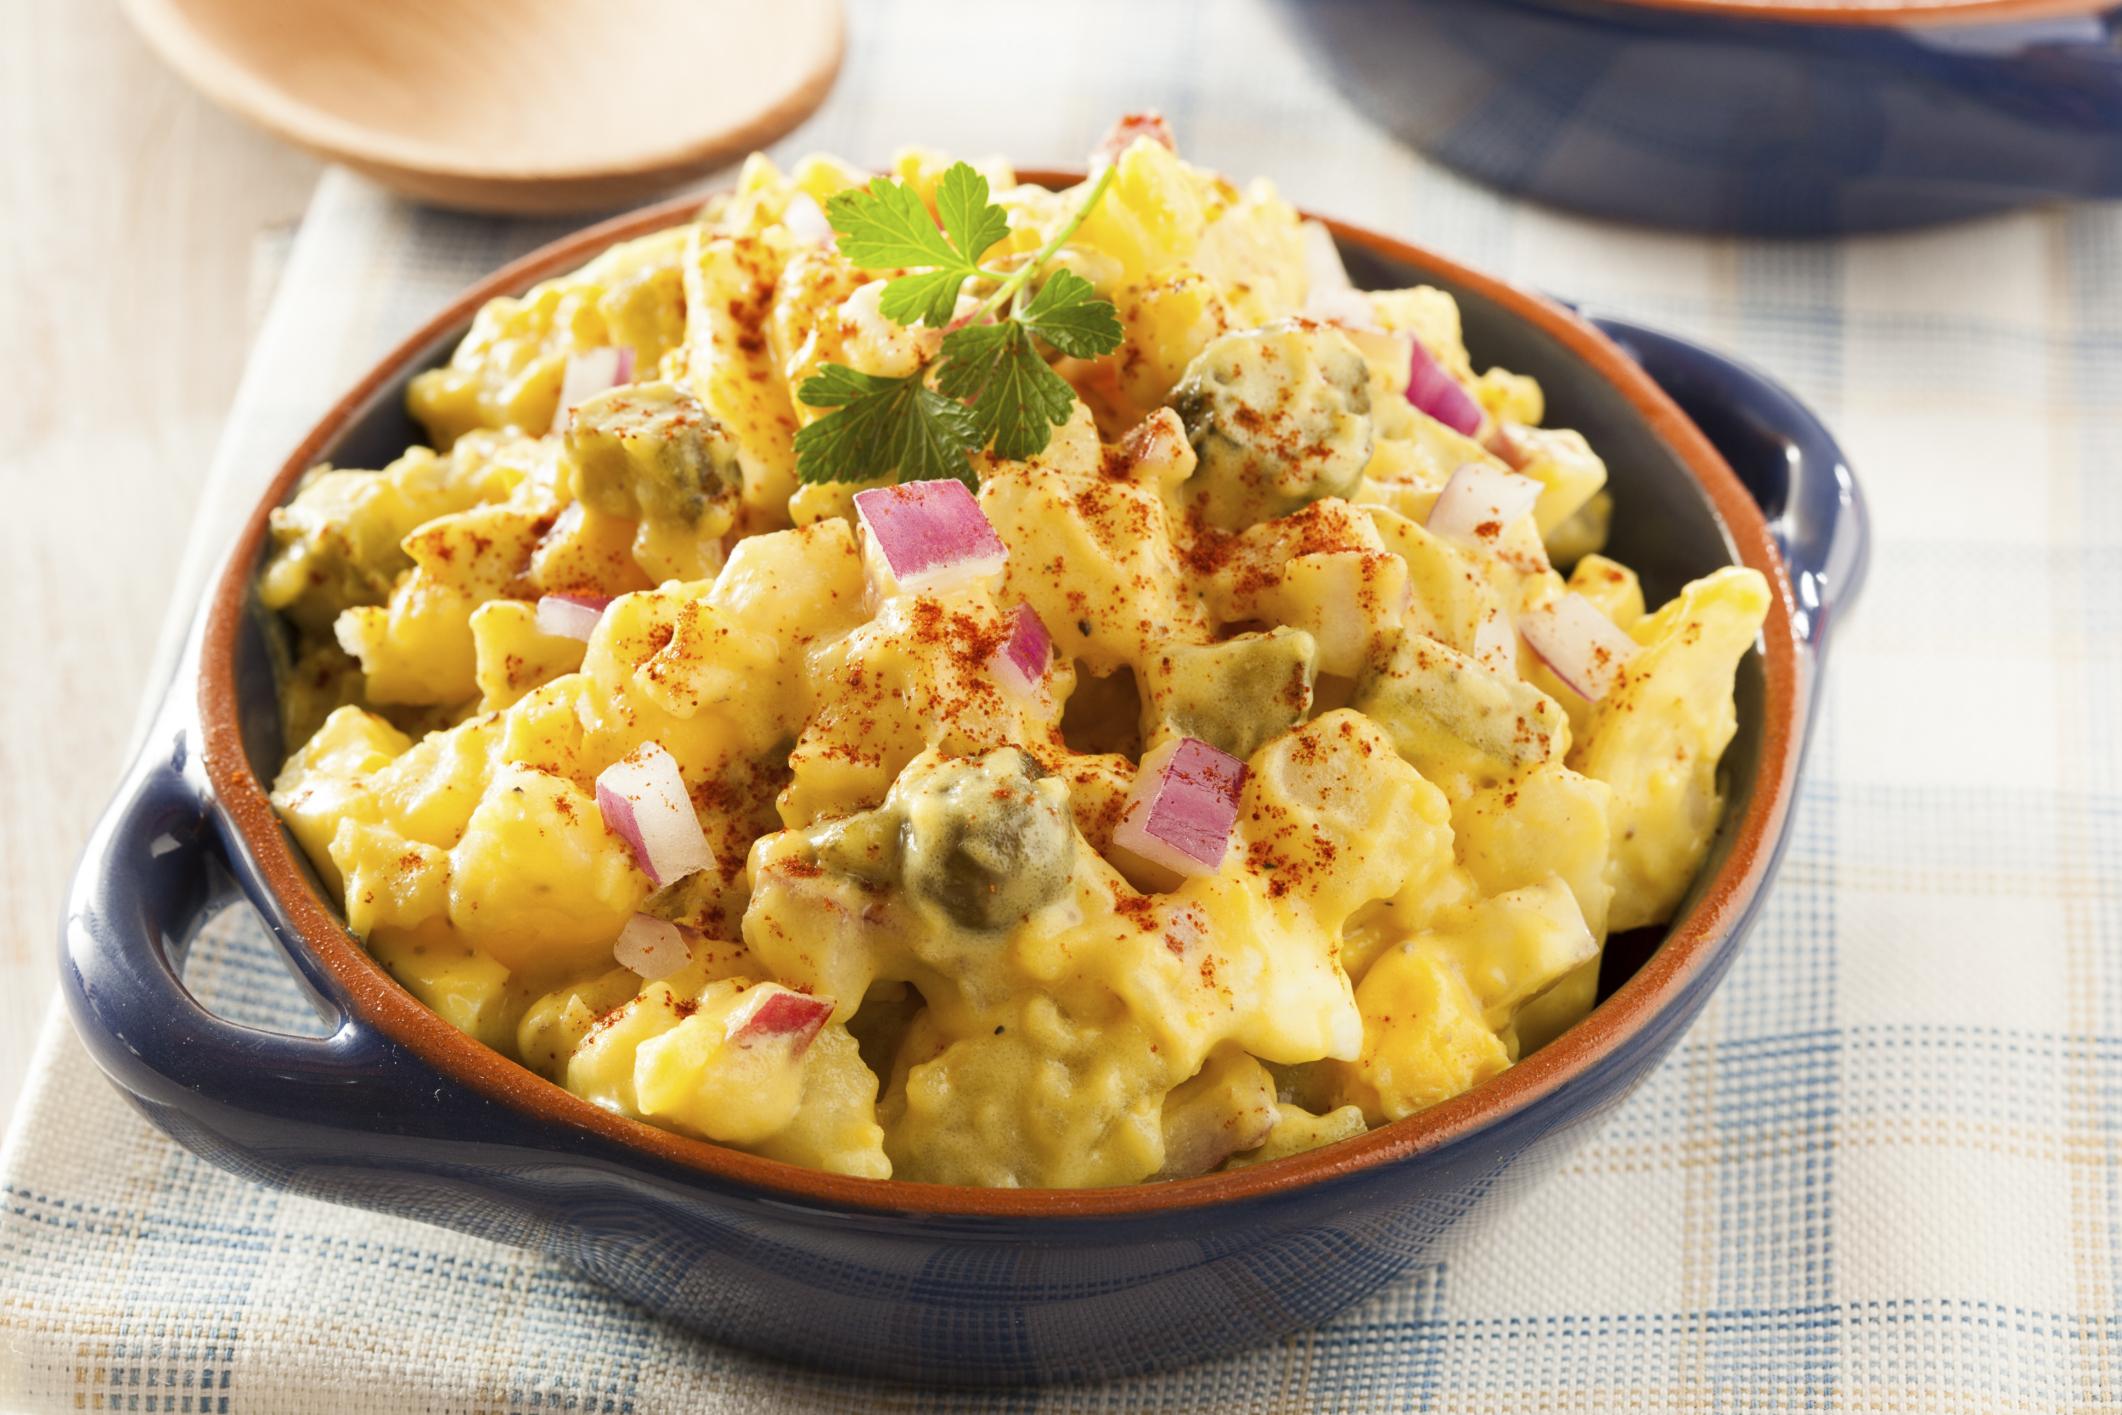 Ensalada de patata, huevo, apio y aceitunas